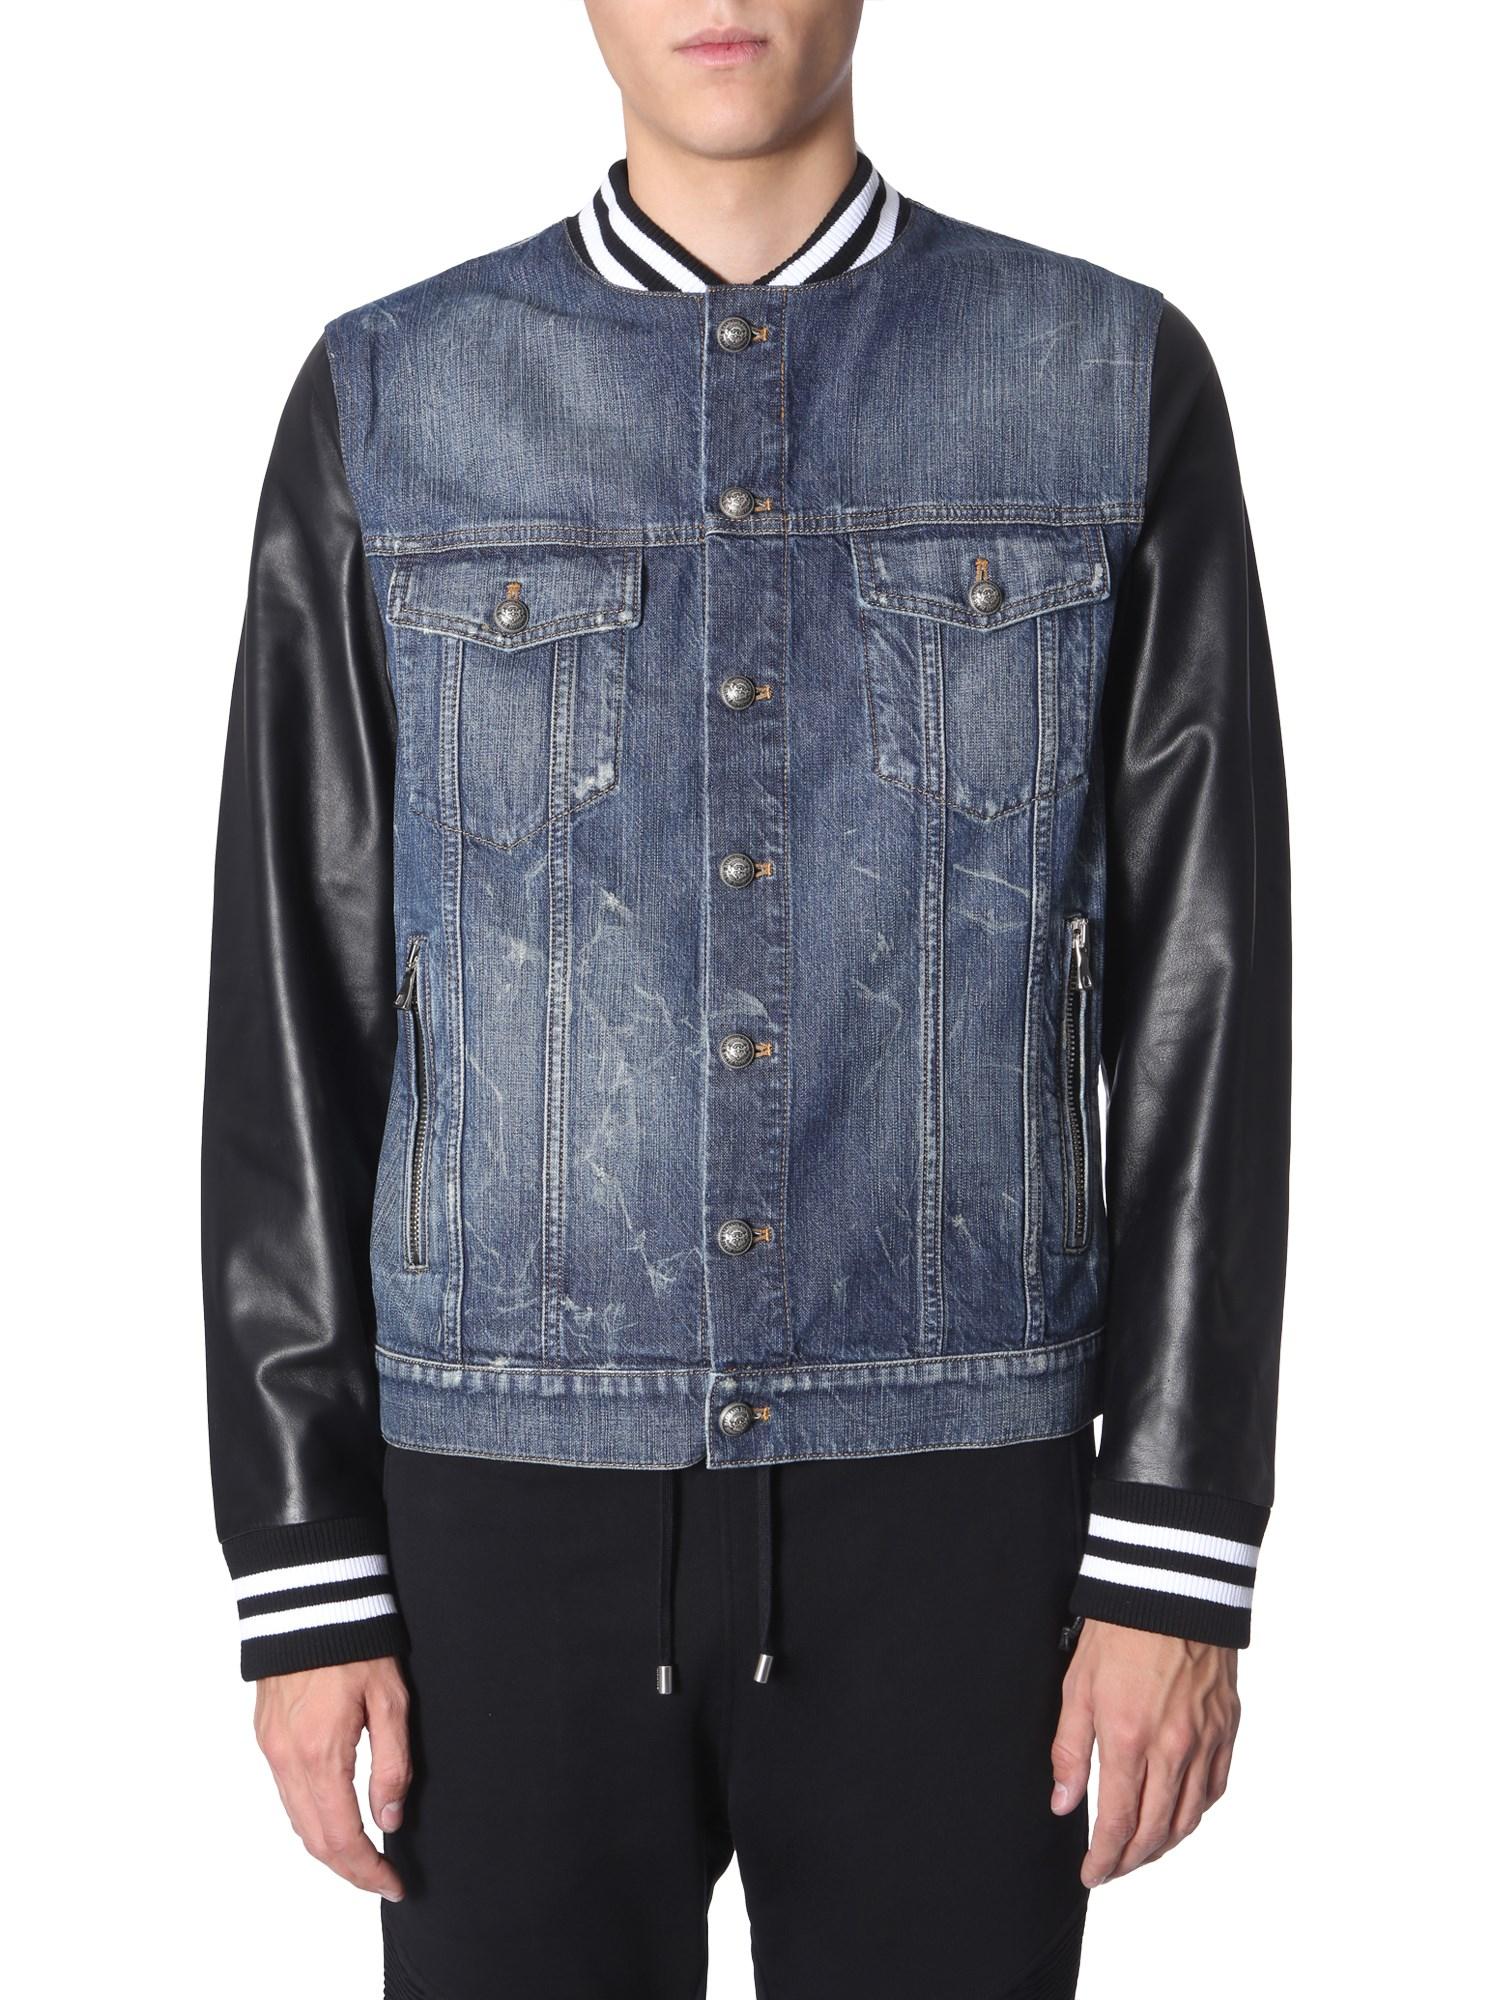 Balmain Regular Fit Jacket In Denim